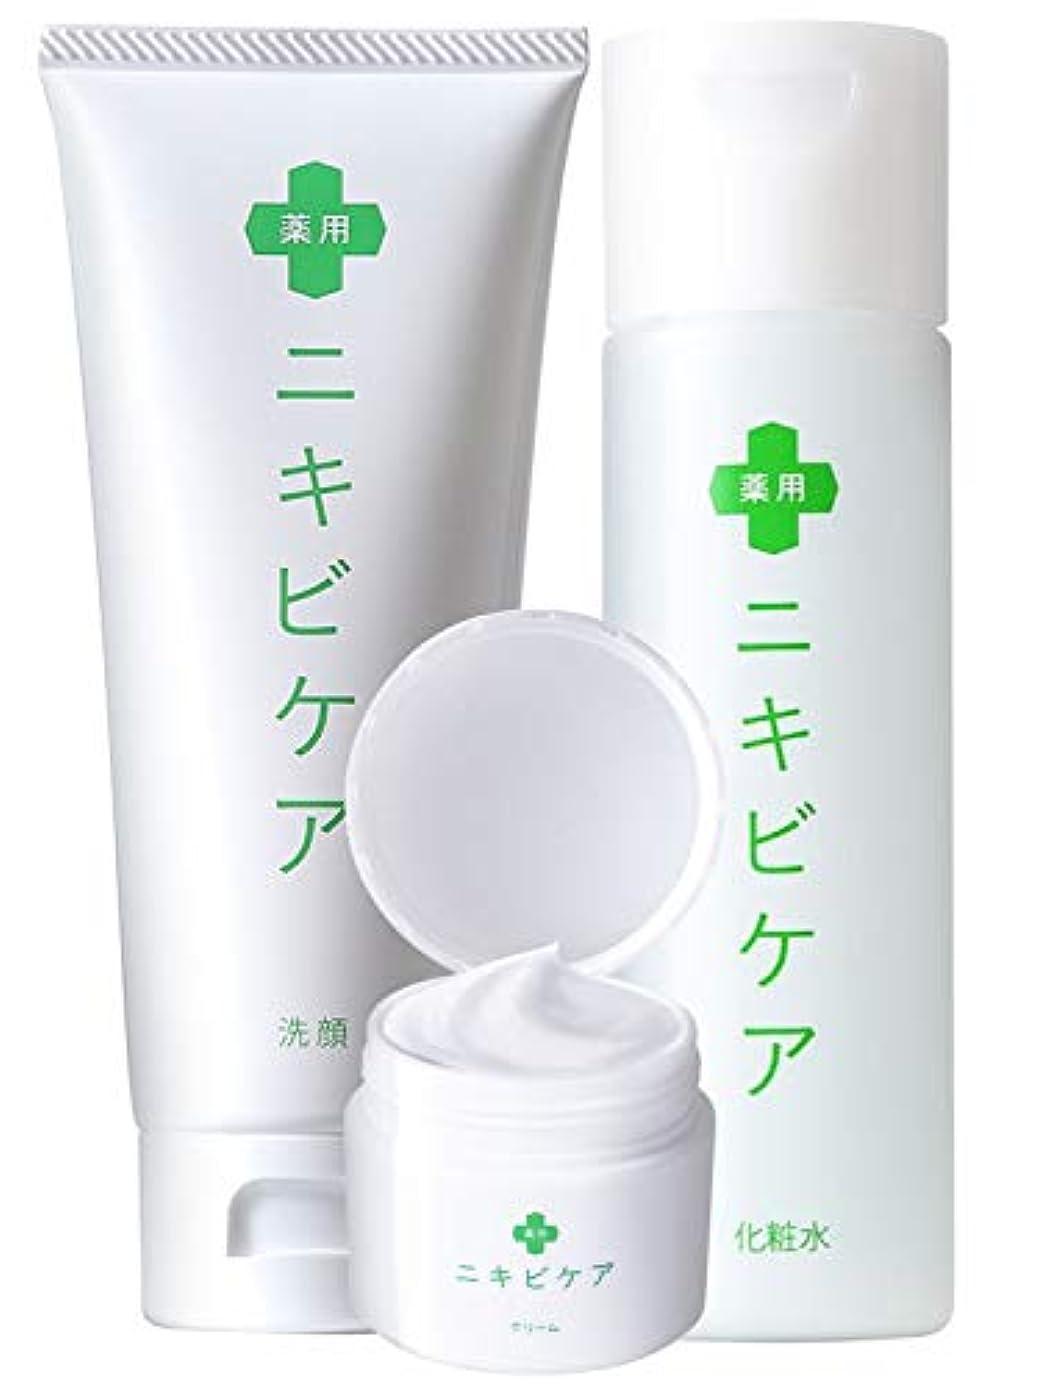 したがって平和的でも医薬部外品 薬用 ニキビケア クリーム & 化粧水 & 洗顔 基礎 セット「 香料 無添加 大人ニキビ 予防 」「 あご おでこ 鼻 アクネ 対策 」「 ヒアルロン酸 *1 コラーゲン *2 プラセンタ *3 配合 」 メンズ レディース 100g & 120ml & 50g